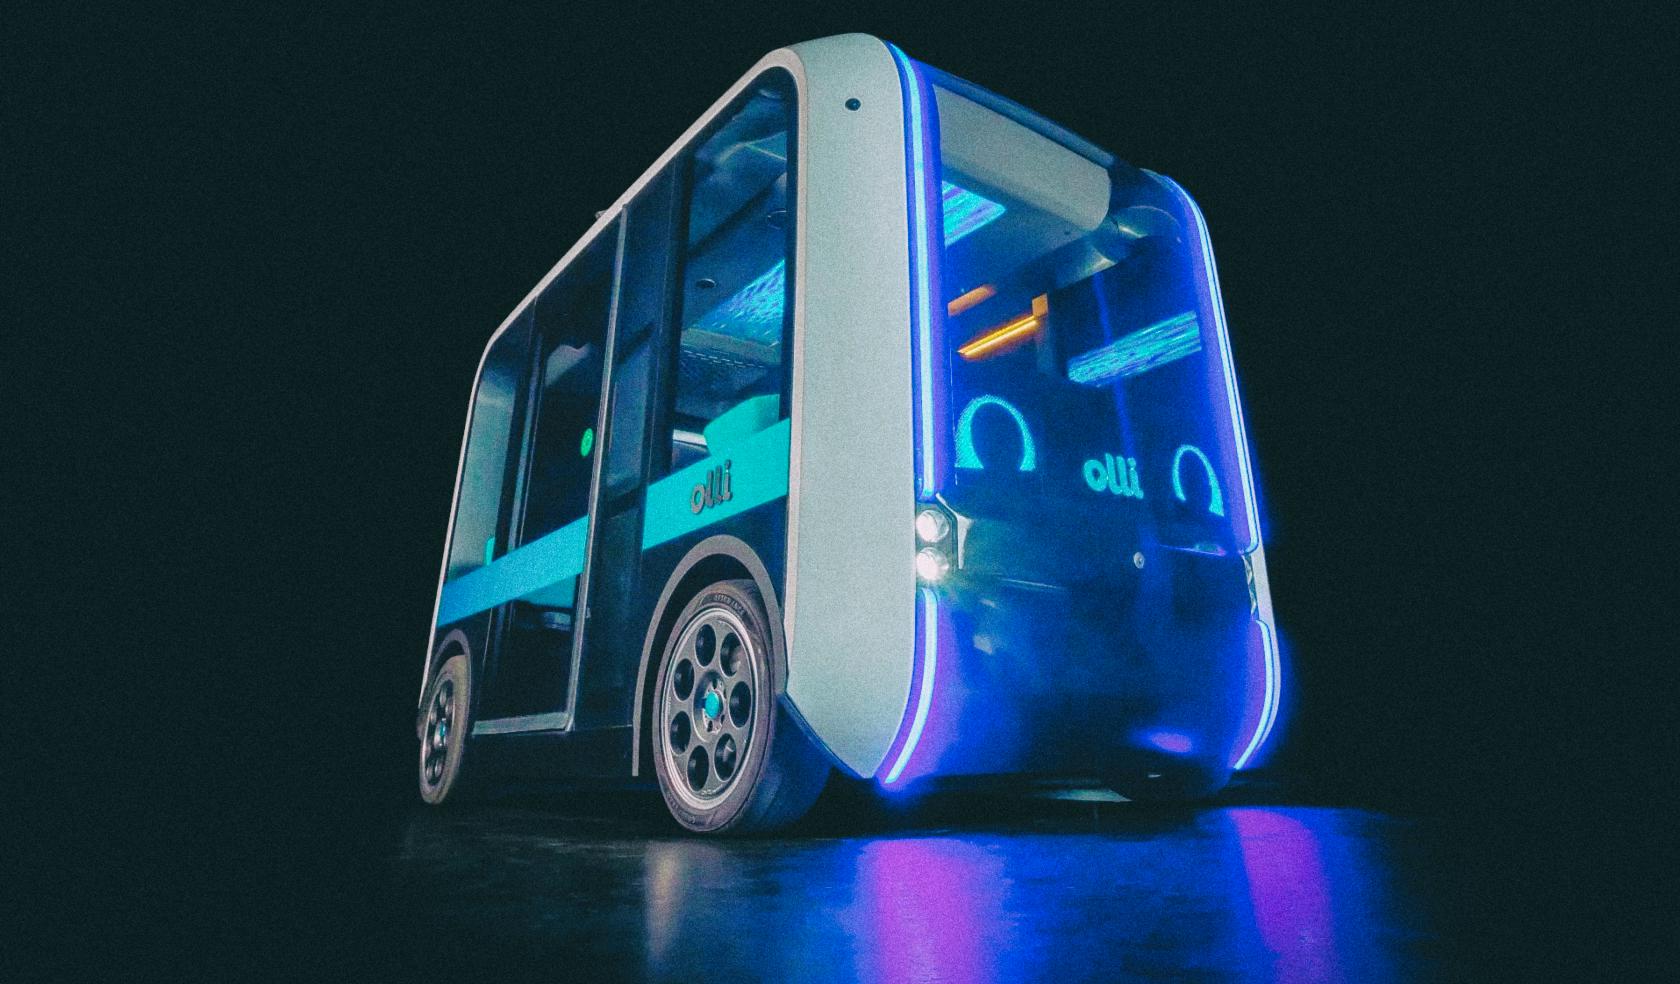 Представлен беспилотный автобус, напечатанный на 3D-принтере